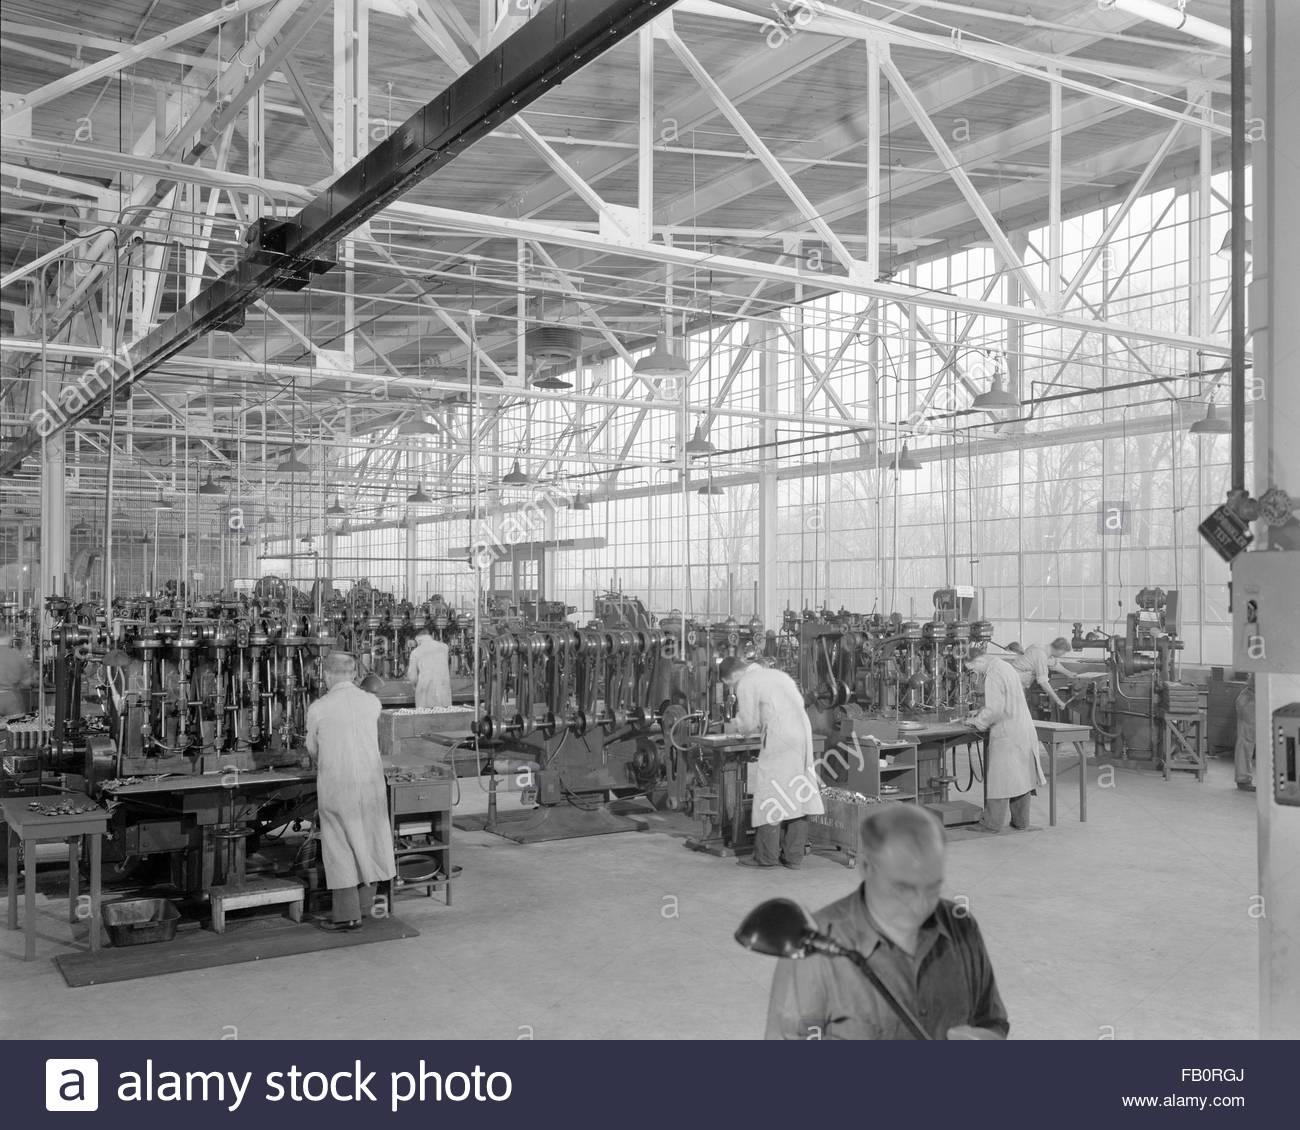 Toledo Scale plant in Ohio, 1939 Dec. 27. Interior, factory. - Stock Image